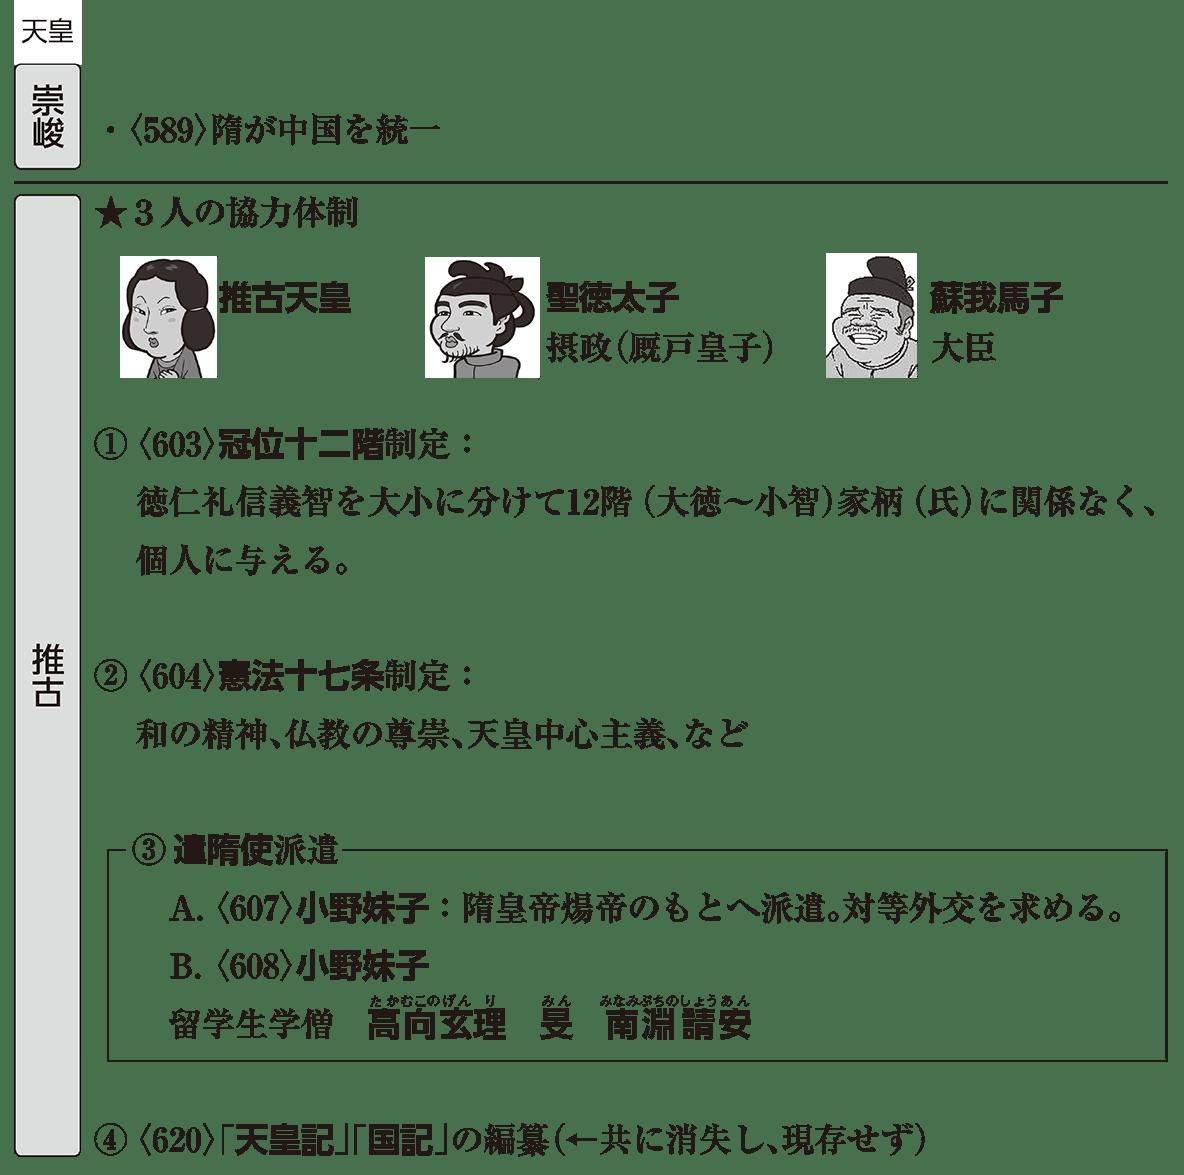 飛鳥時代1 ポイント全体(崇峻天皇・推古天皇の内容ぜんぶ)